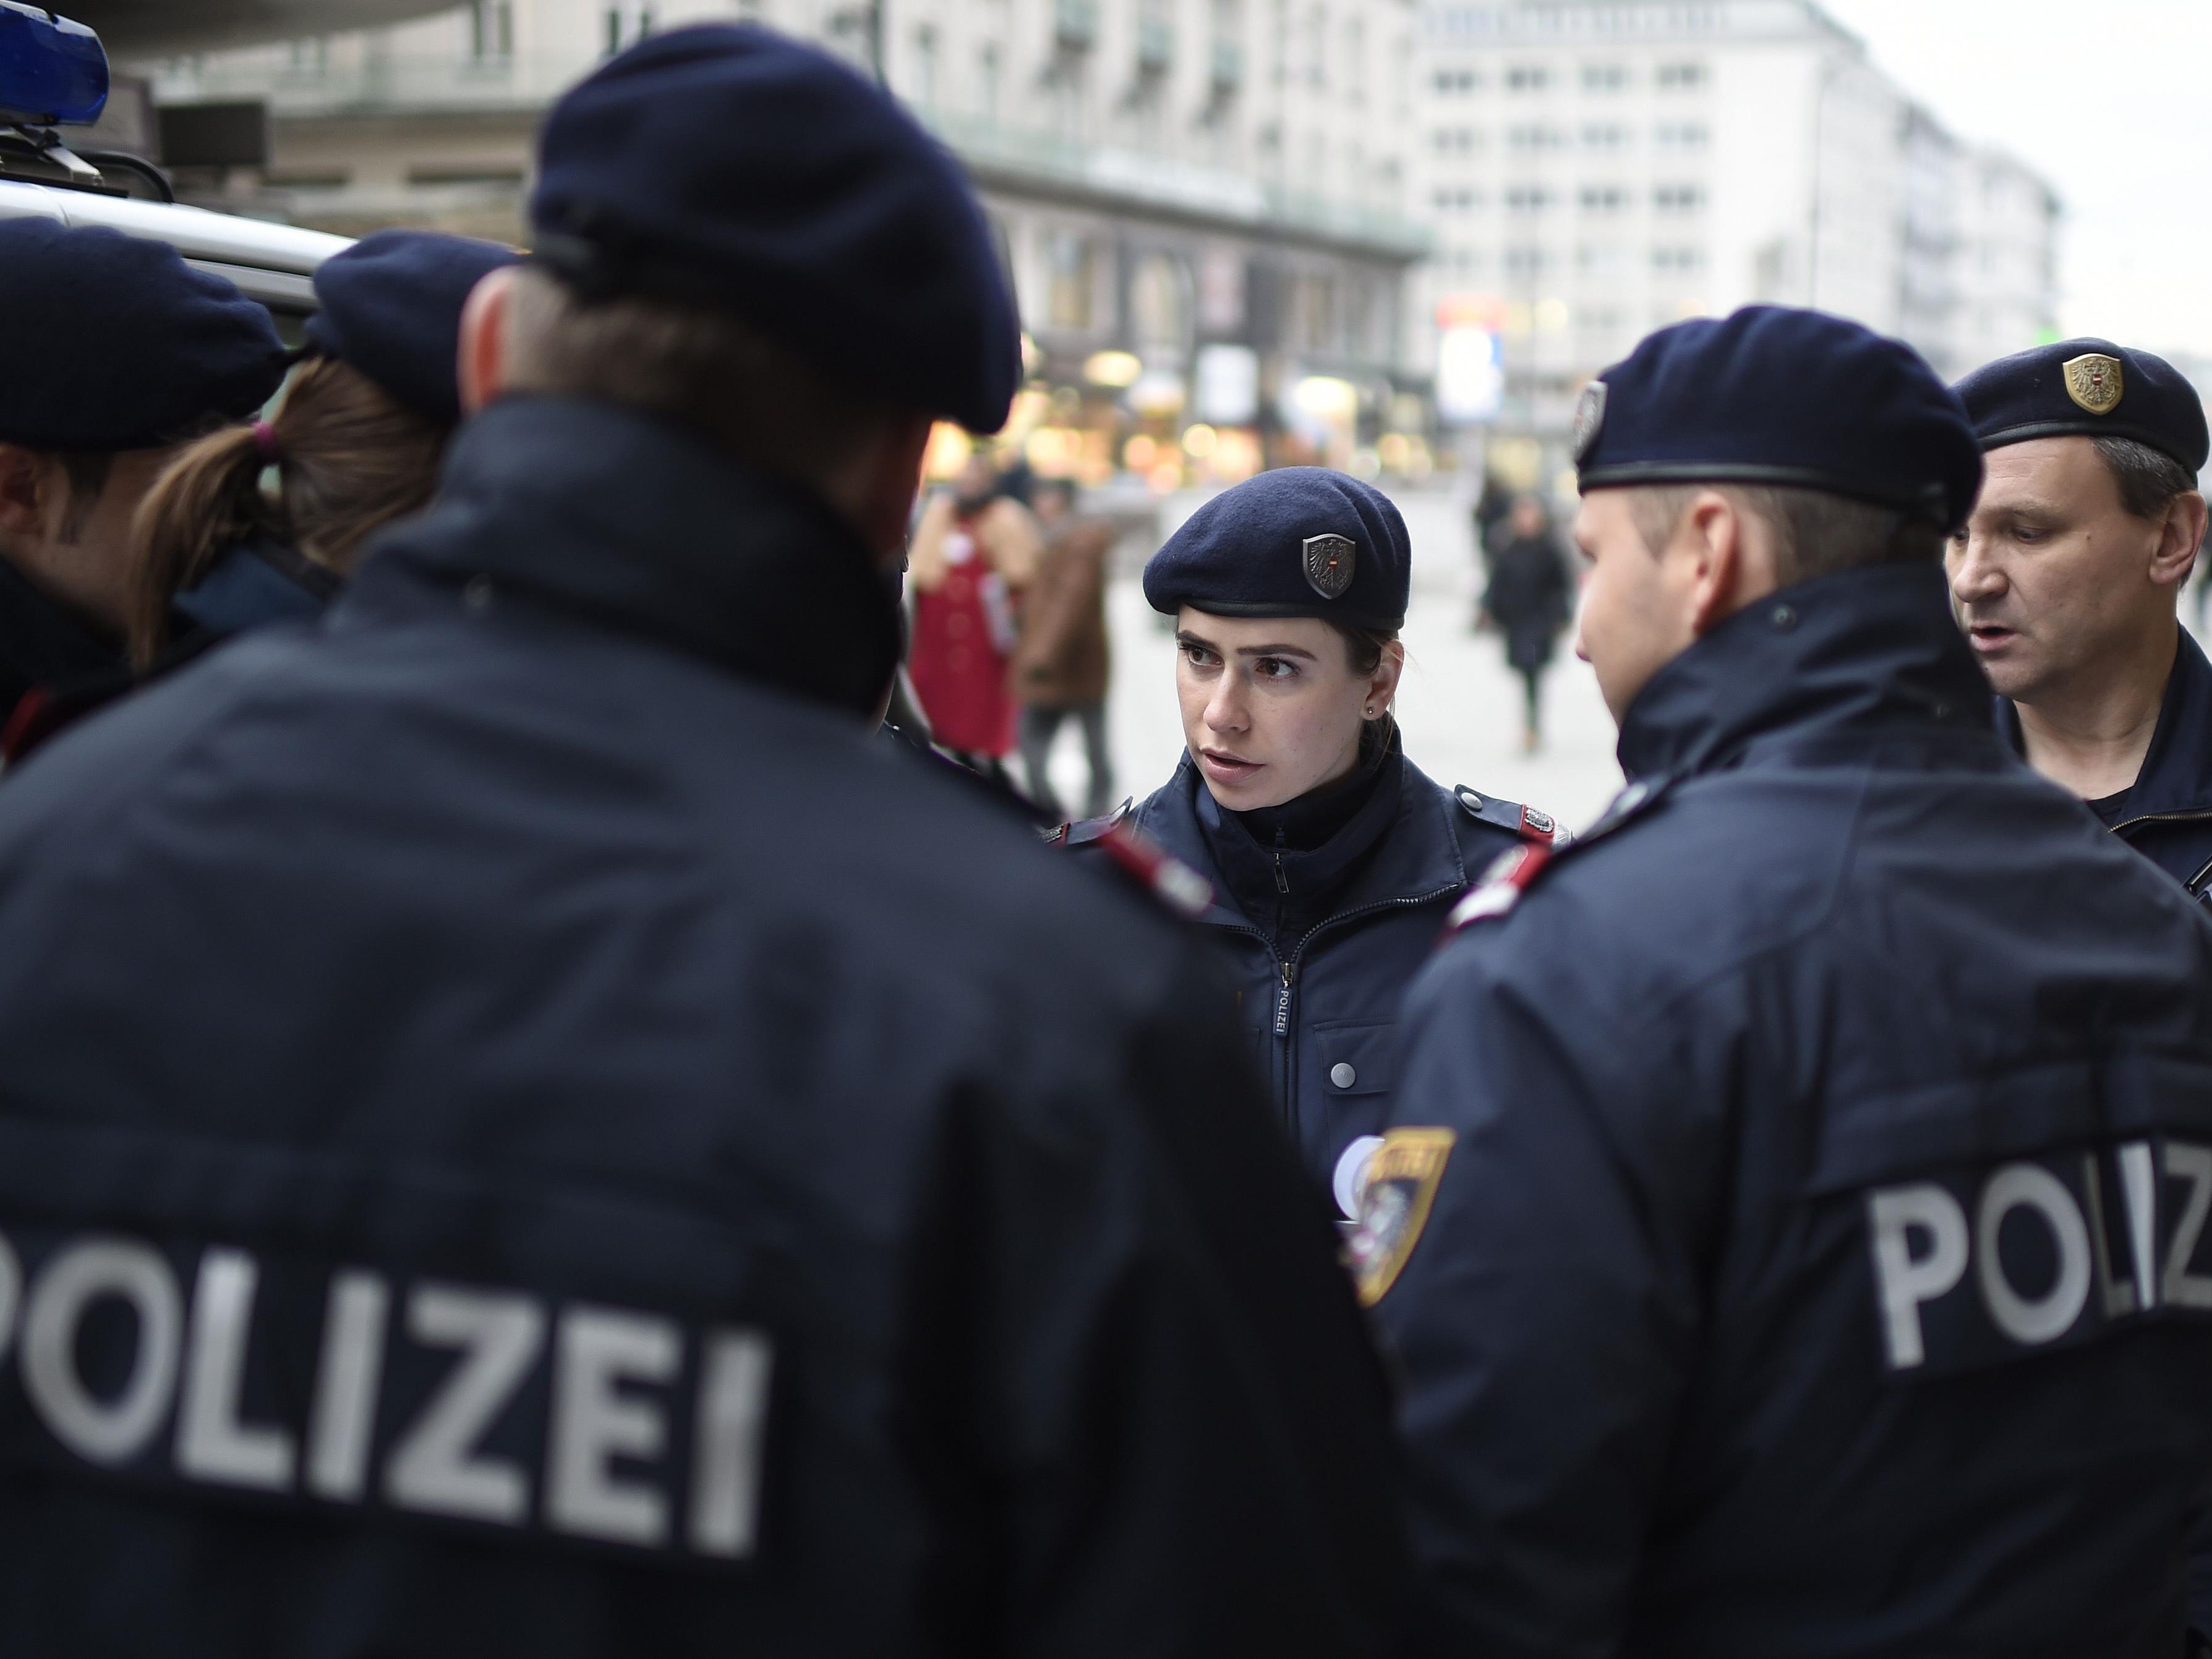 Die Polizei nahm am Pfingstmontag mehrere, mutmaßliche Drogendealer fest.